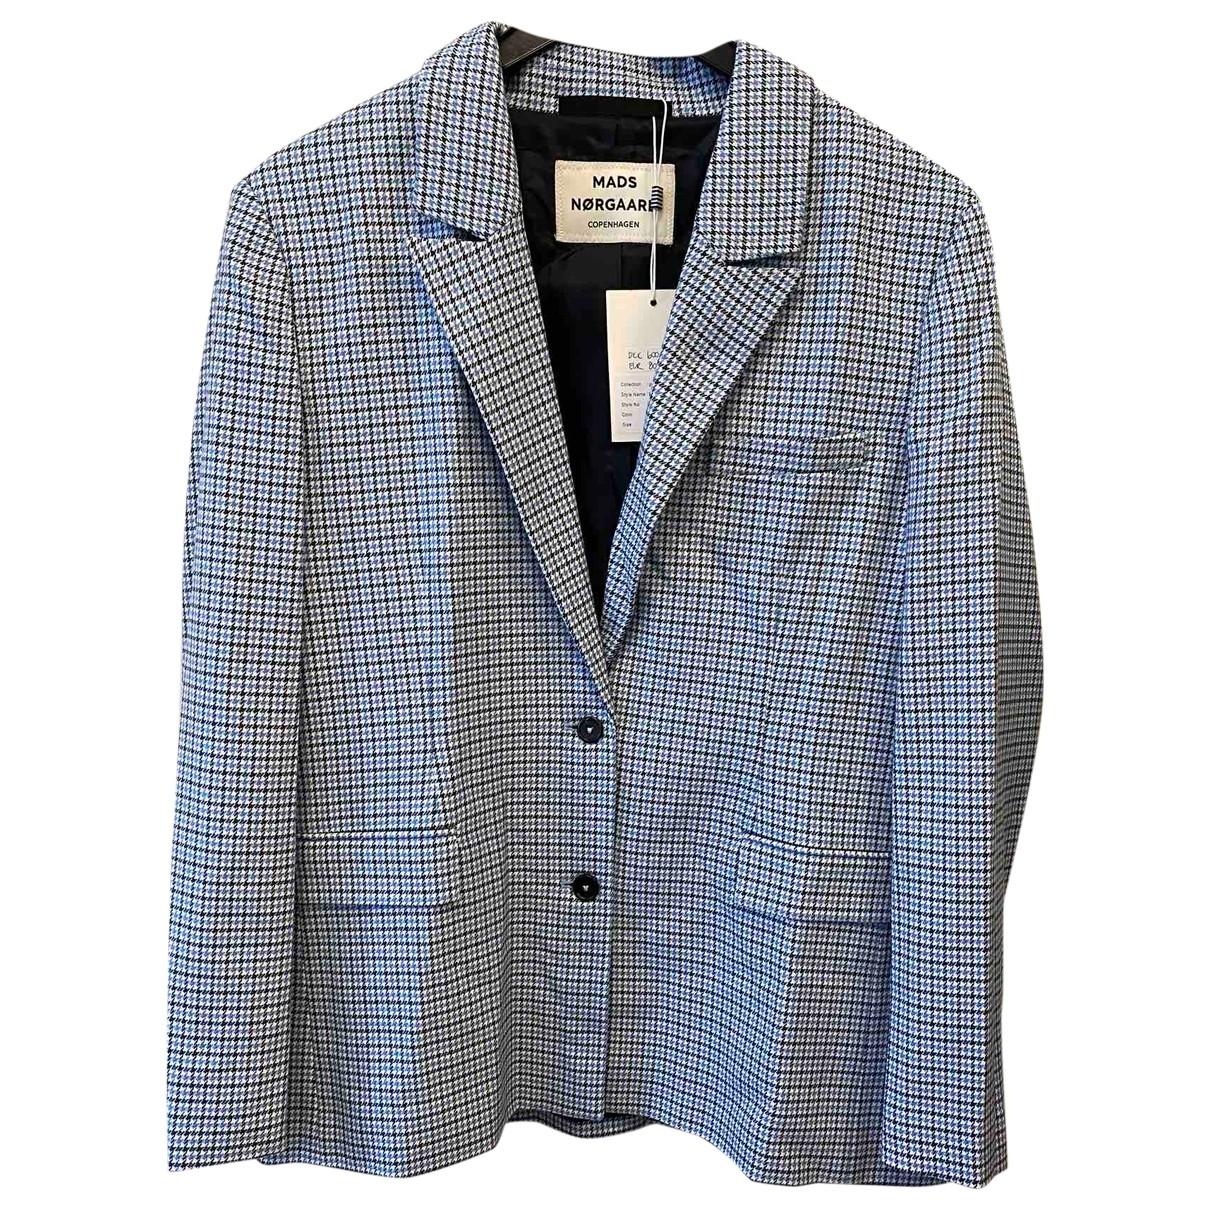 Mads Nørgaard \N Blue Cotton jacket for Women S International